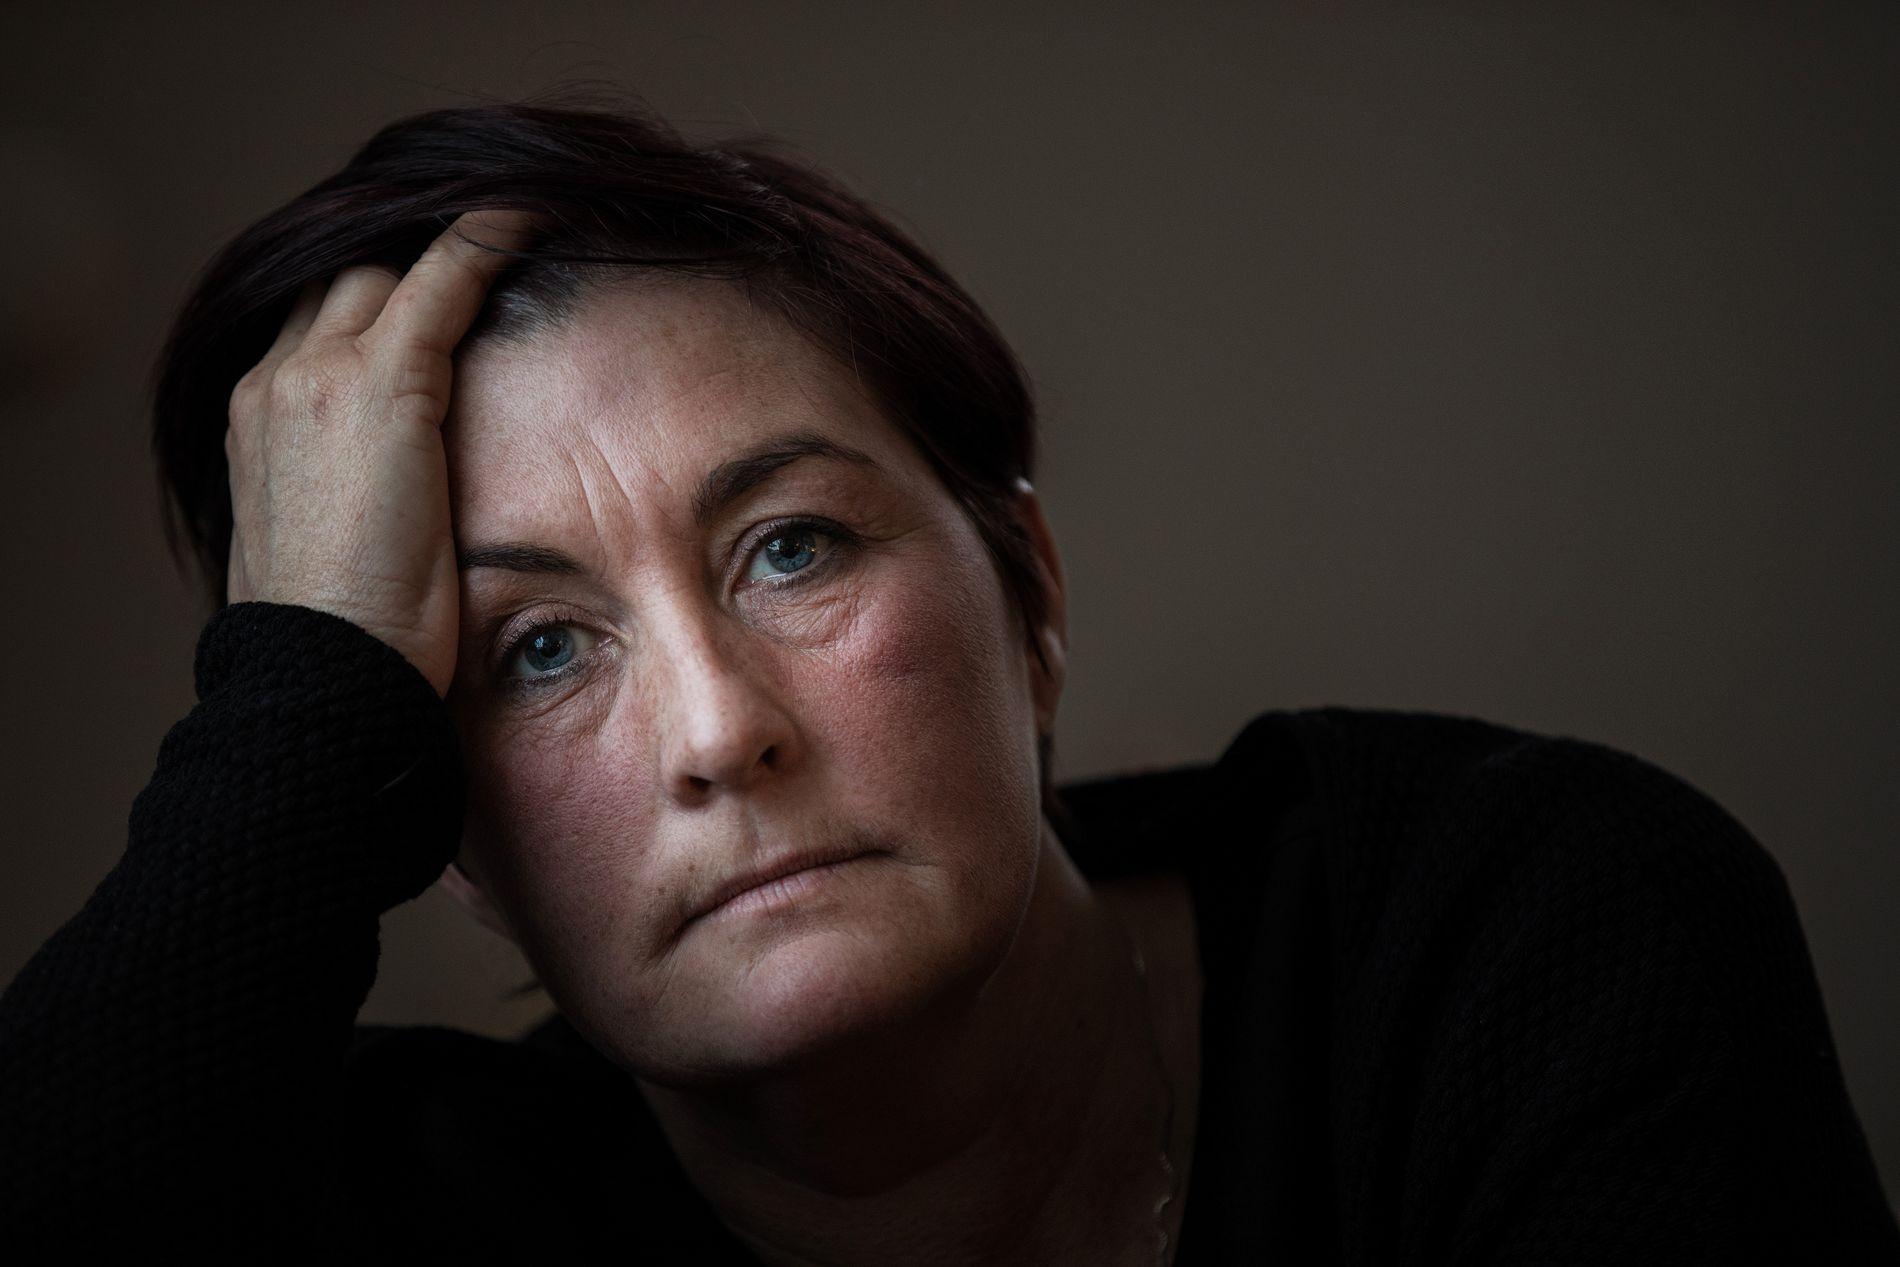 DELTE SIN HISTORIE: Tanja Arntsen ble voldtatt. I to år fulgte VG hennes møte med systemet slik hun opplevde det.